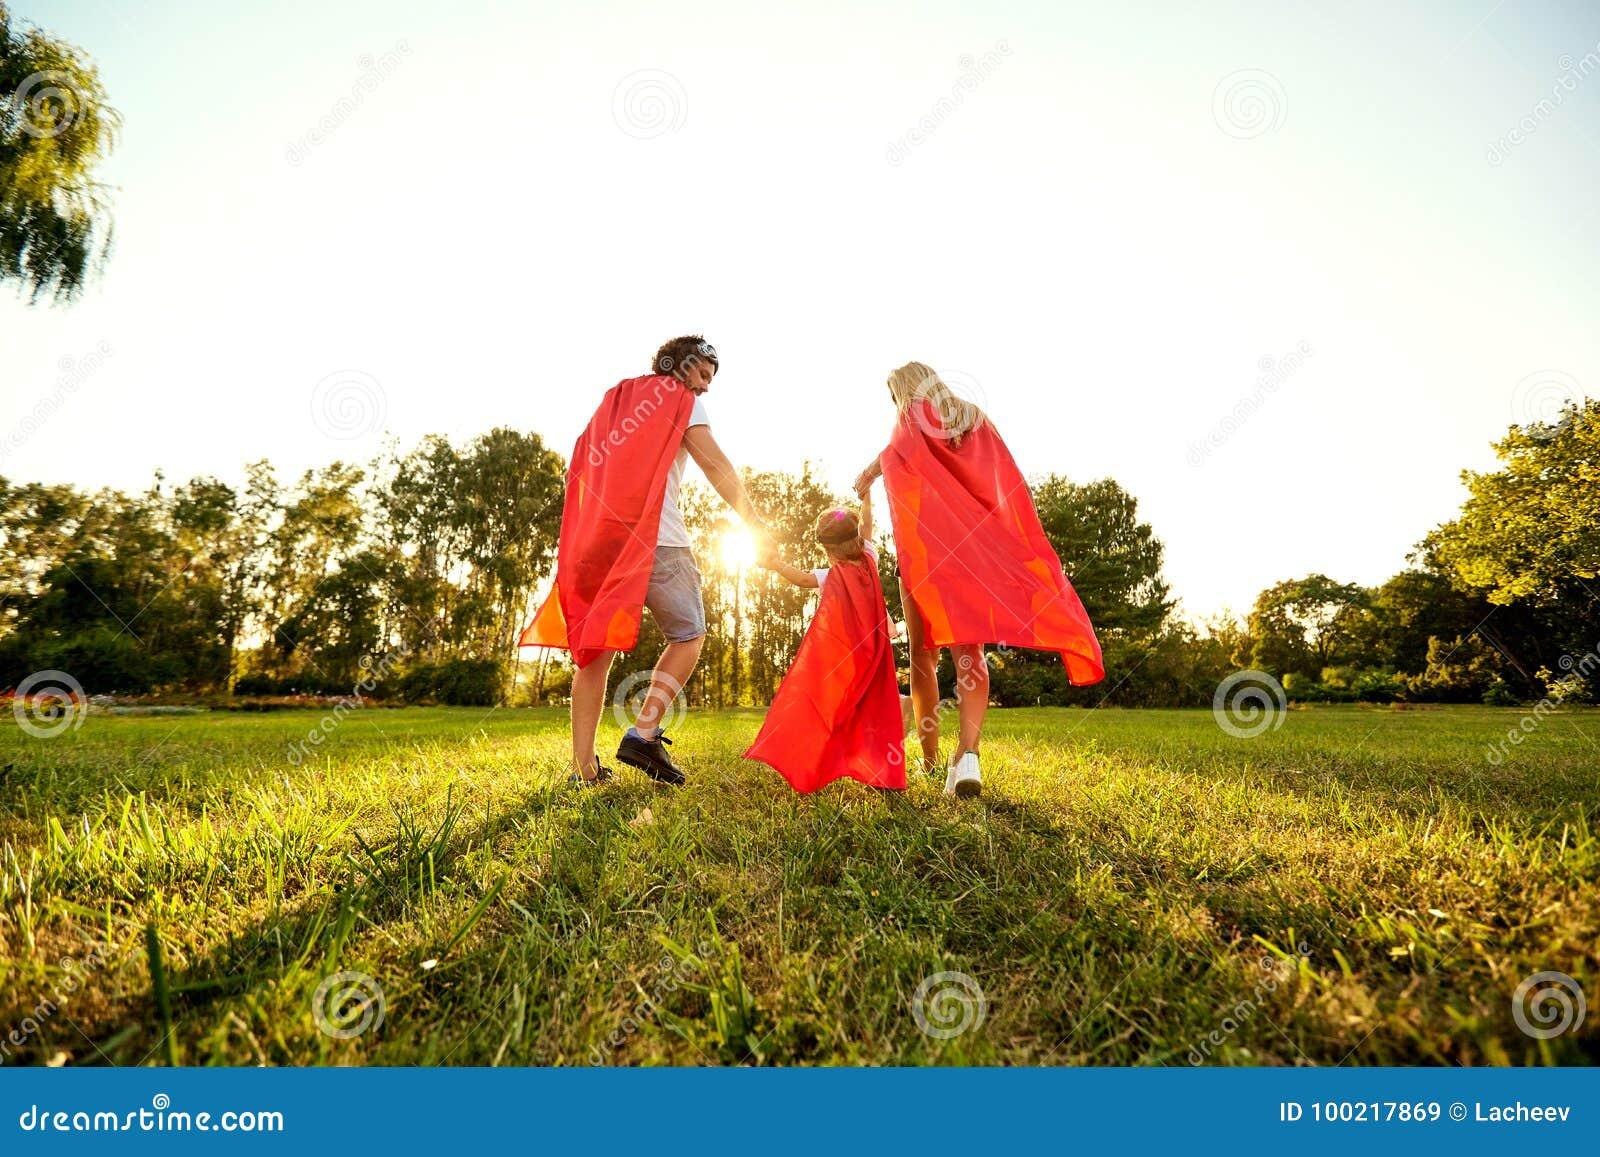 Familia feliz en trajes de super héroes en el parque en la puesta del sol